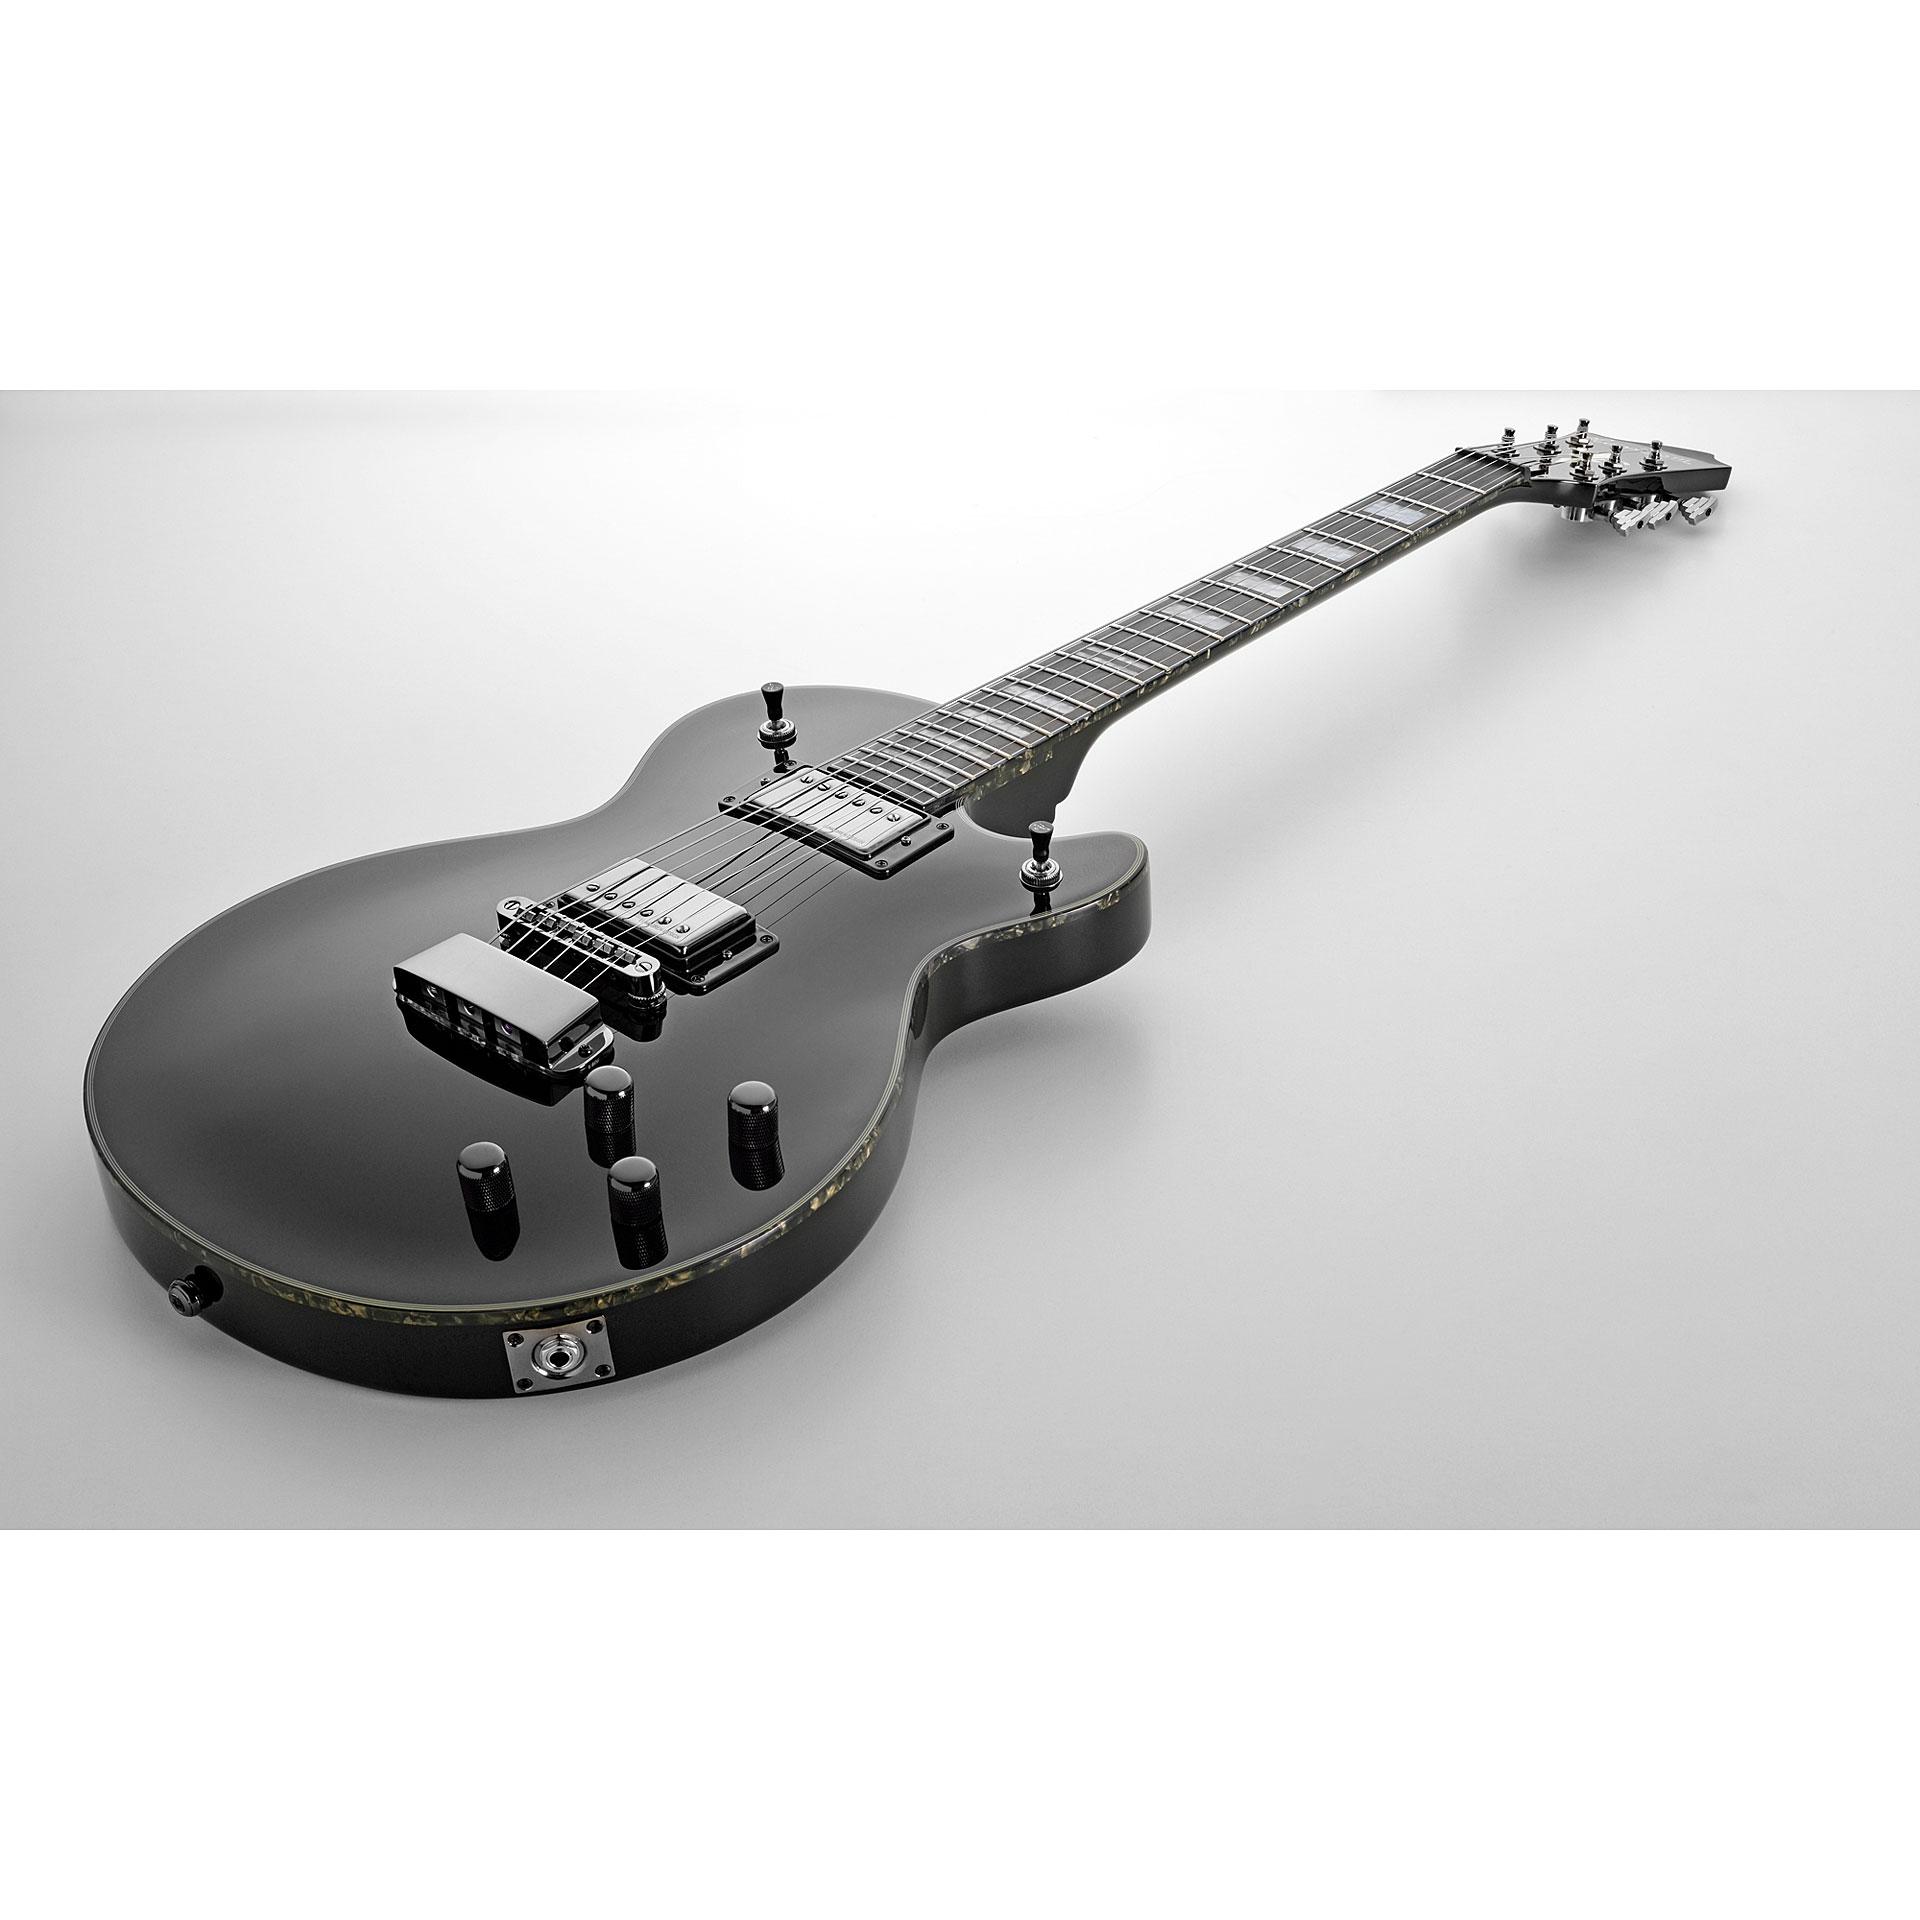 hagstrom swede dark king electric guitar. Black Bedroom Furniture Sets. Home Design Ideas